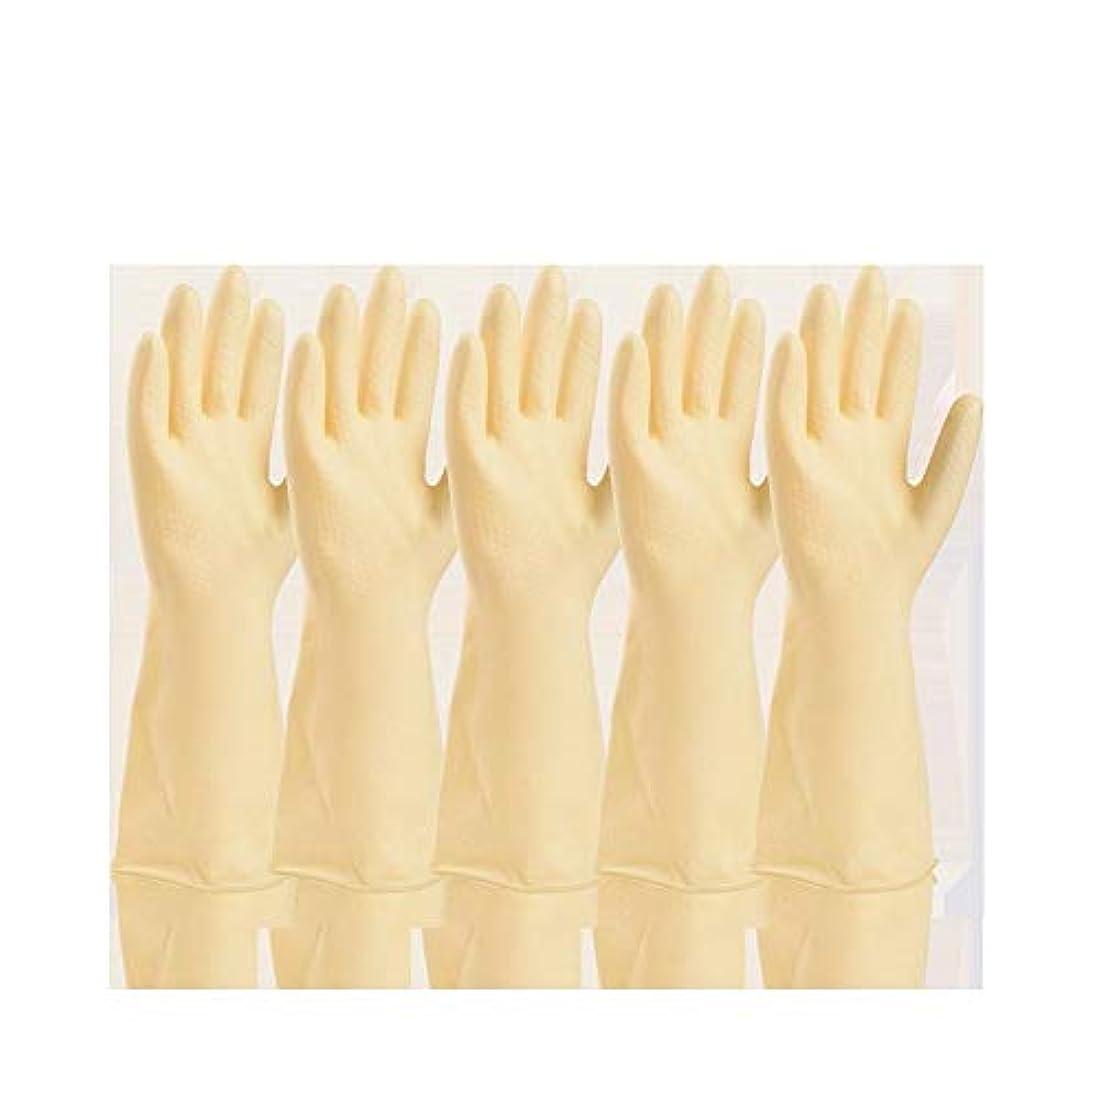 早熟黒板ニュースニトリルゴム手袋 工業用手袋厚手のプラスチック製保護用耐水性防水ラテックス手袋、5ペア 使い捨て手袋 (Color : White, Size : L)